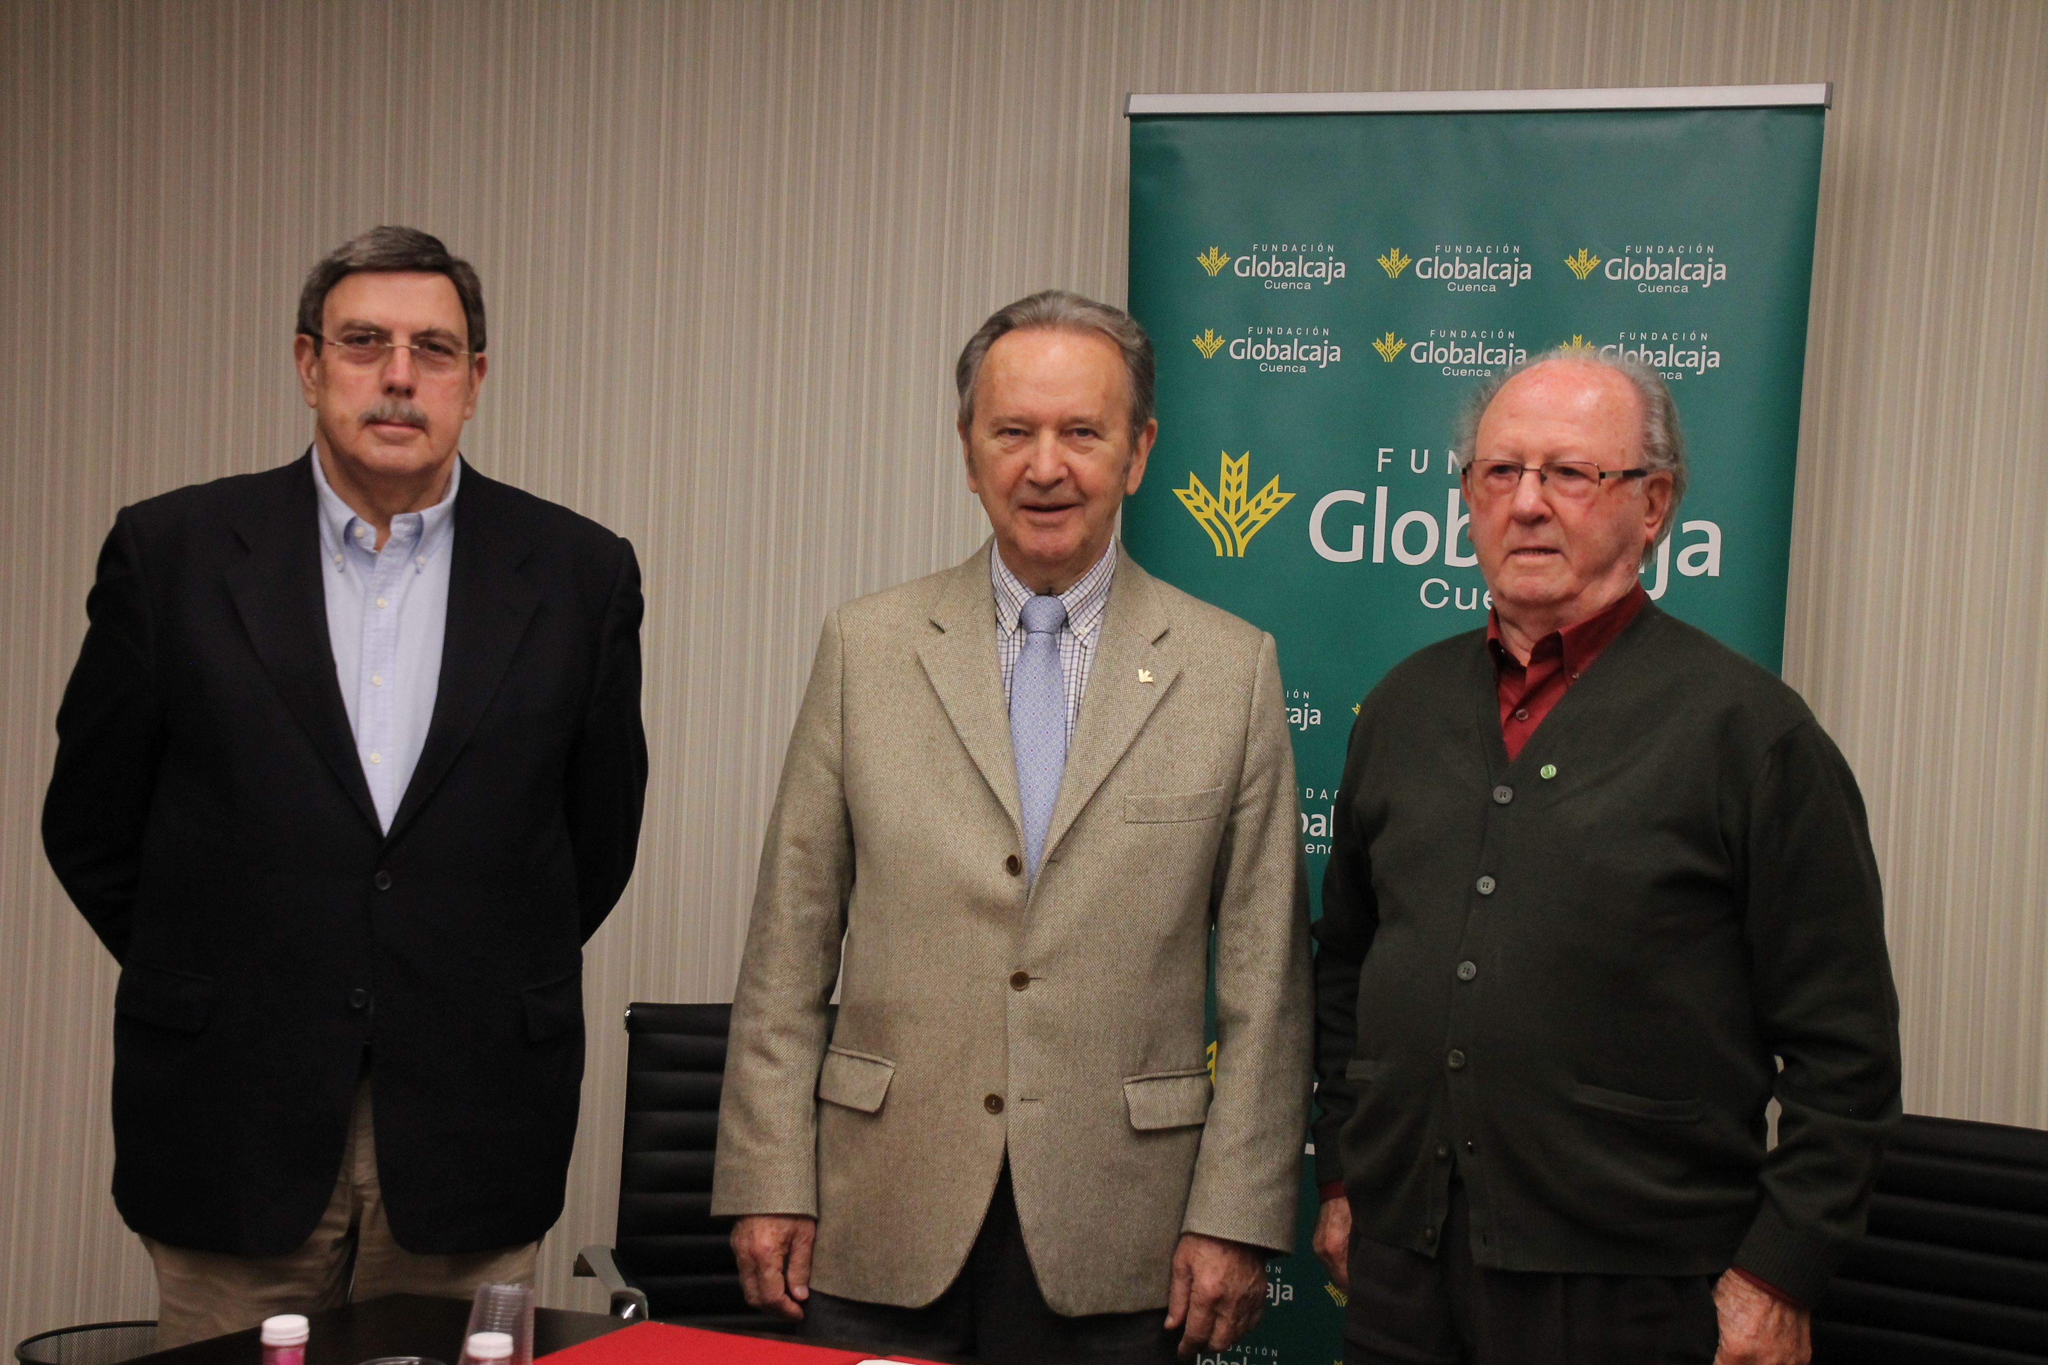 Firmado el convenio entre la Fundación Globalcaja Cuenca y la Sociedad San Vicente Paúl